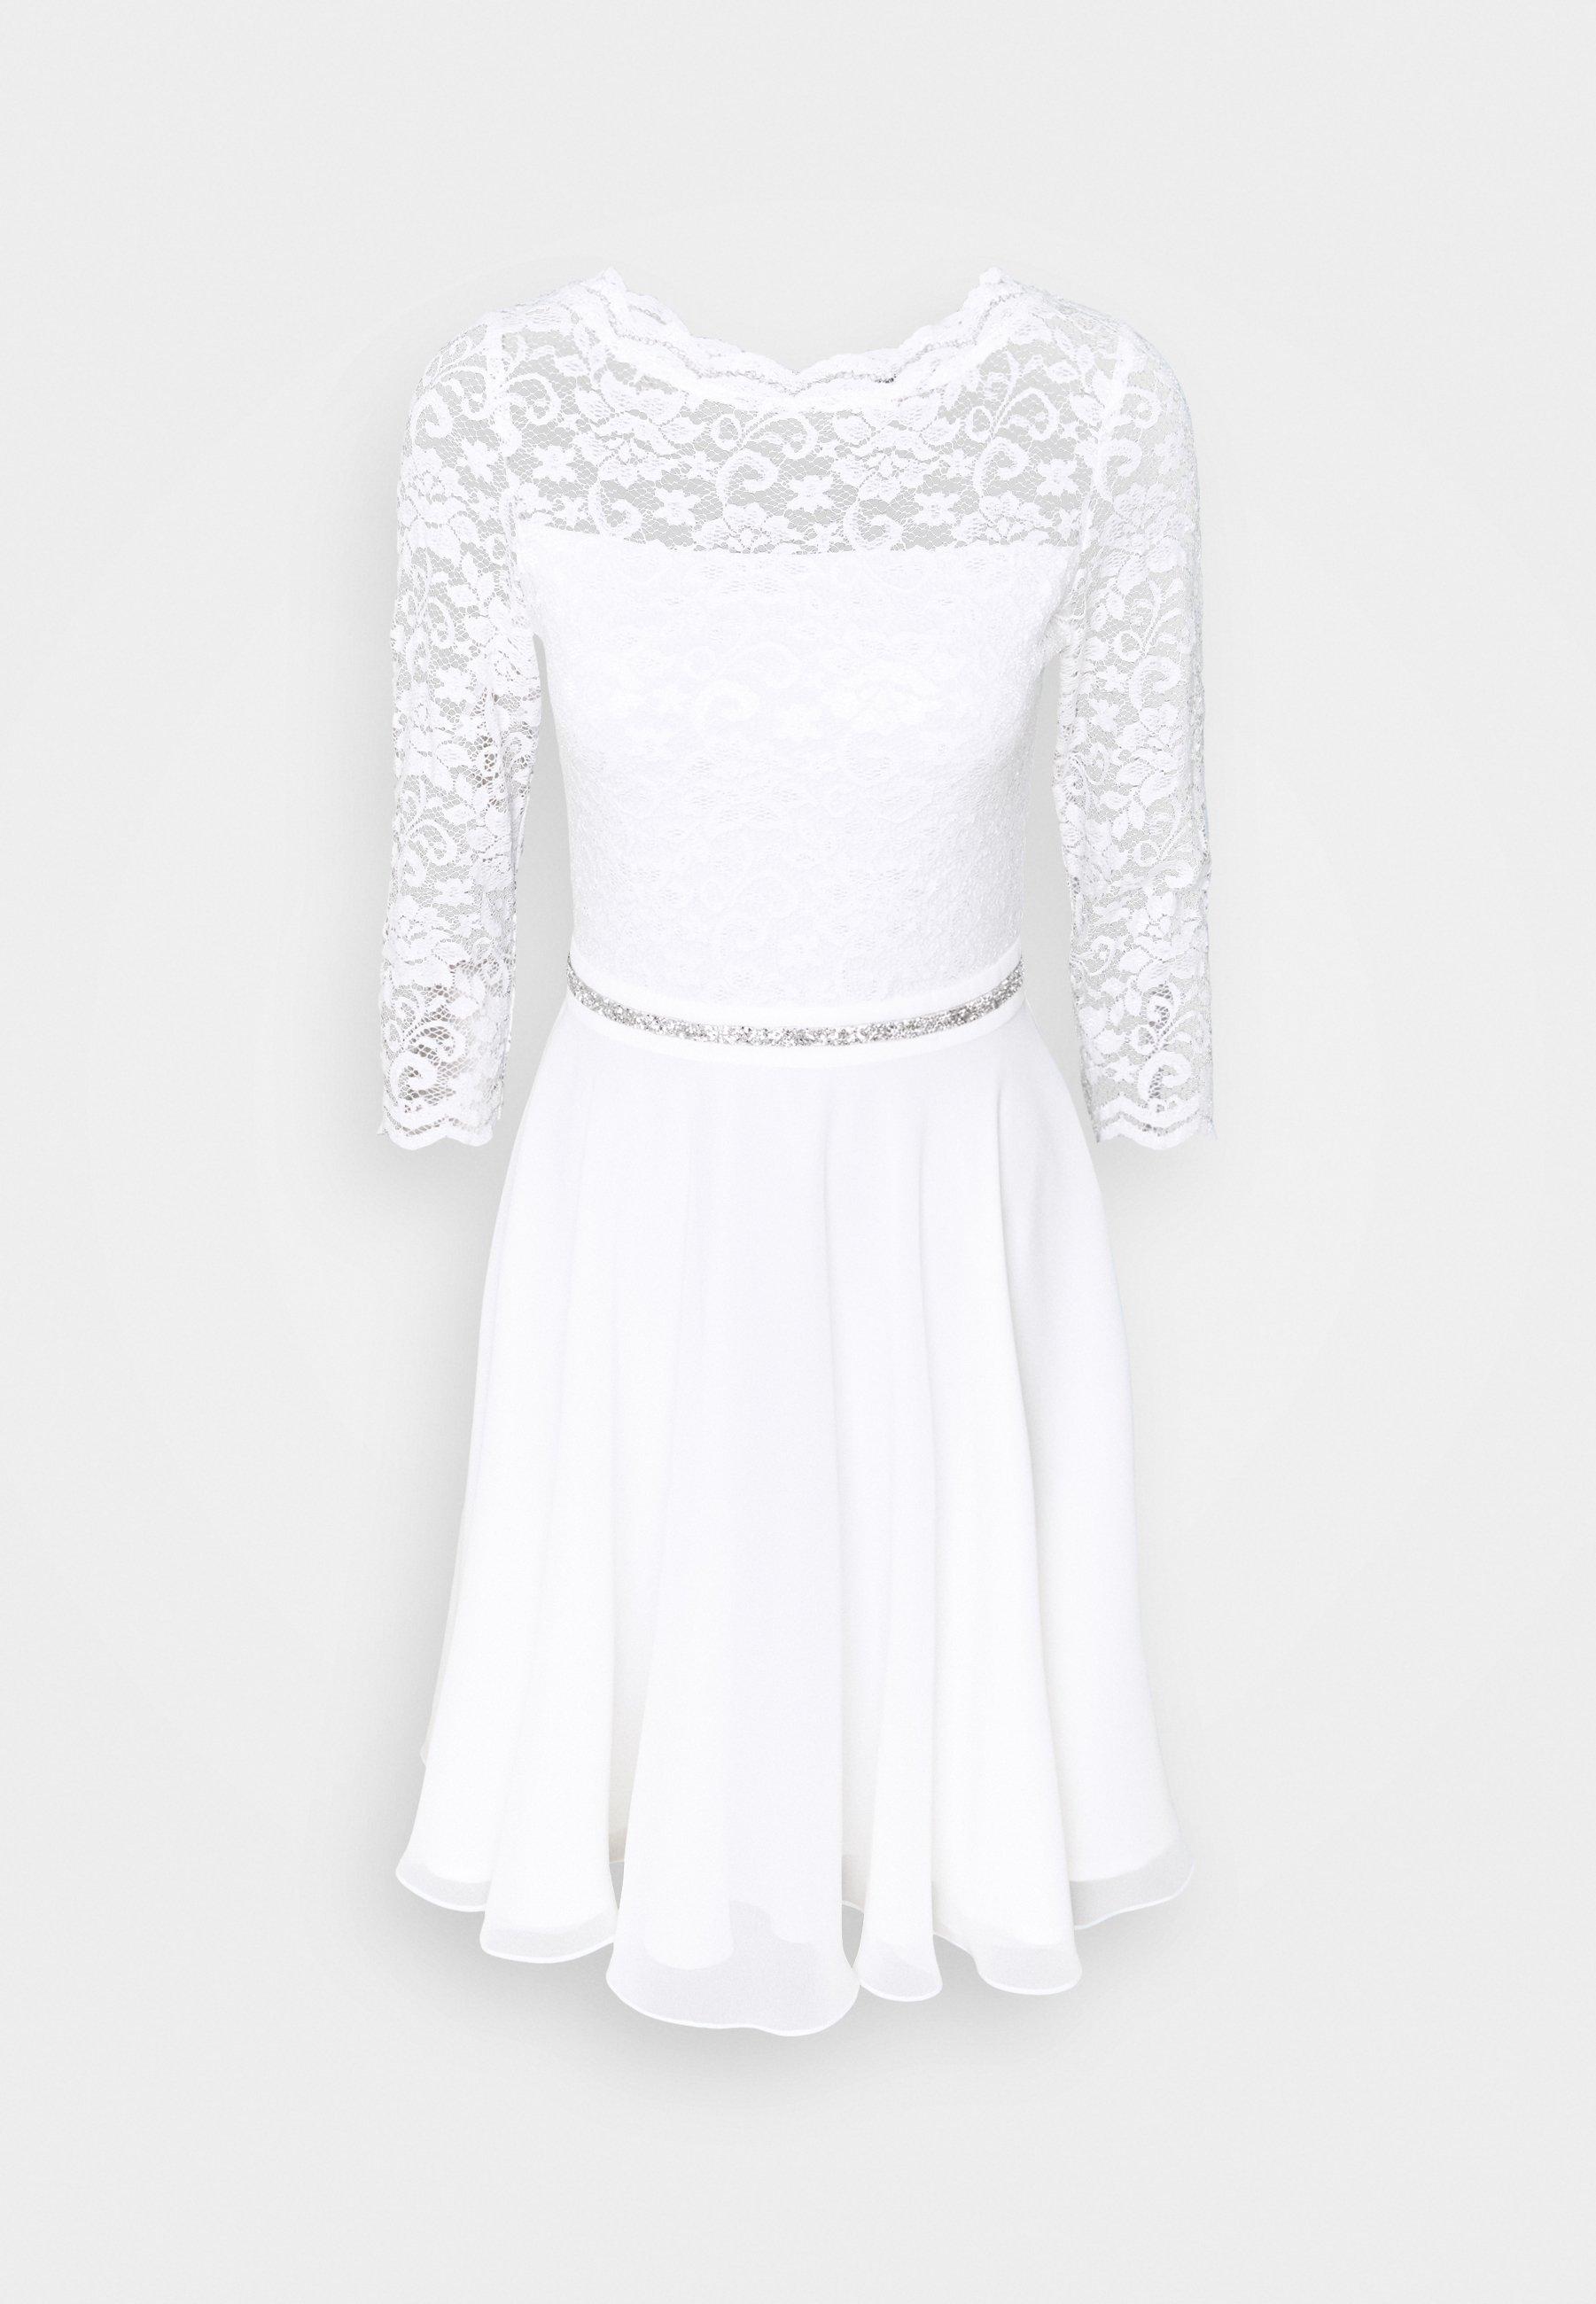 kleider online | entdecke dein neues kleid | zalando zalando